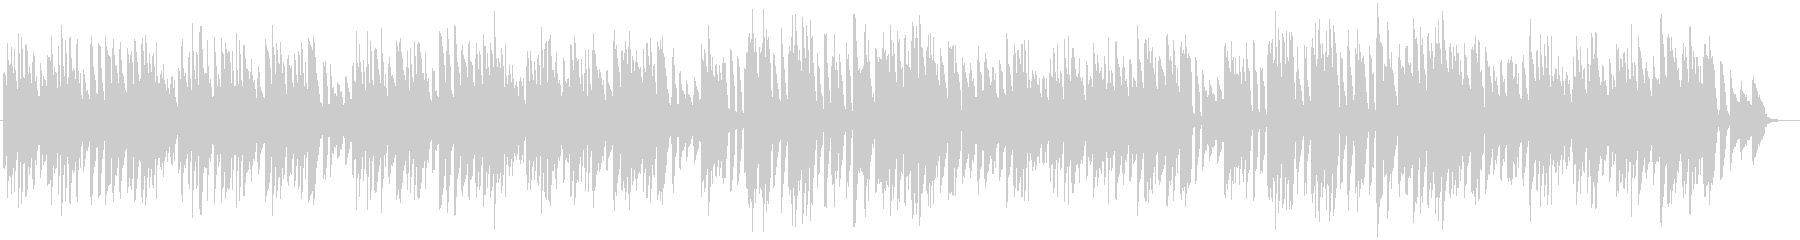 バッハ/メヌエット第2番をヴァイオリンでの未再生の波形